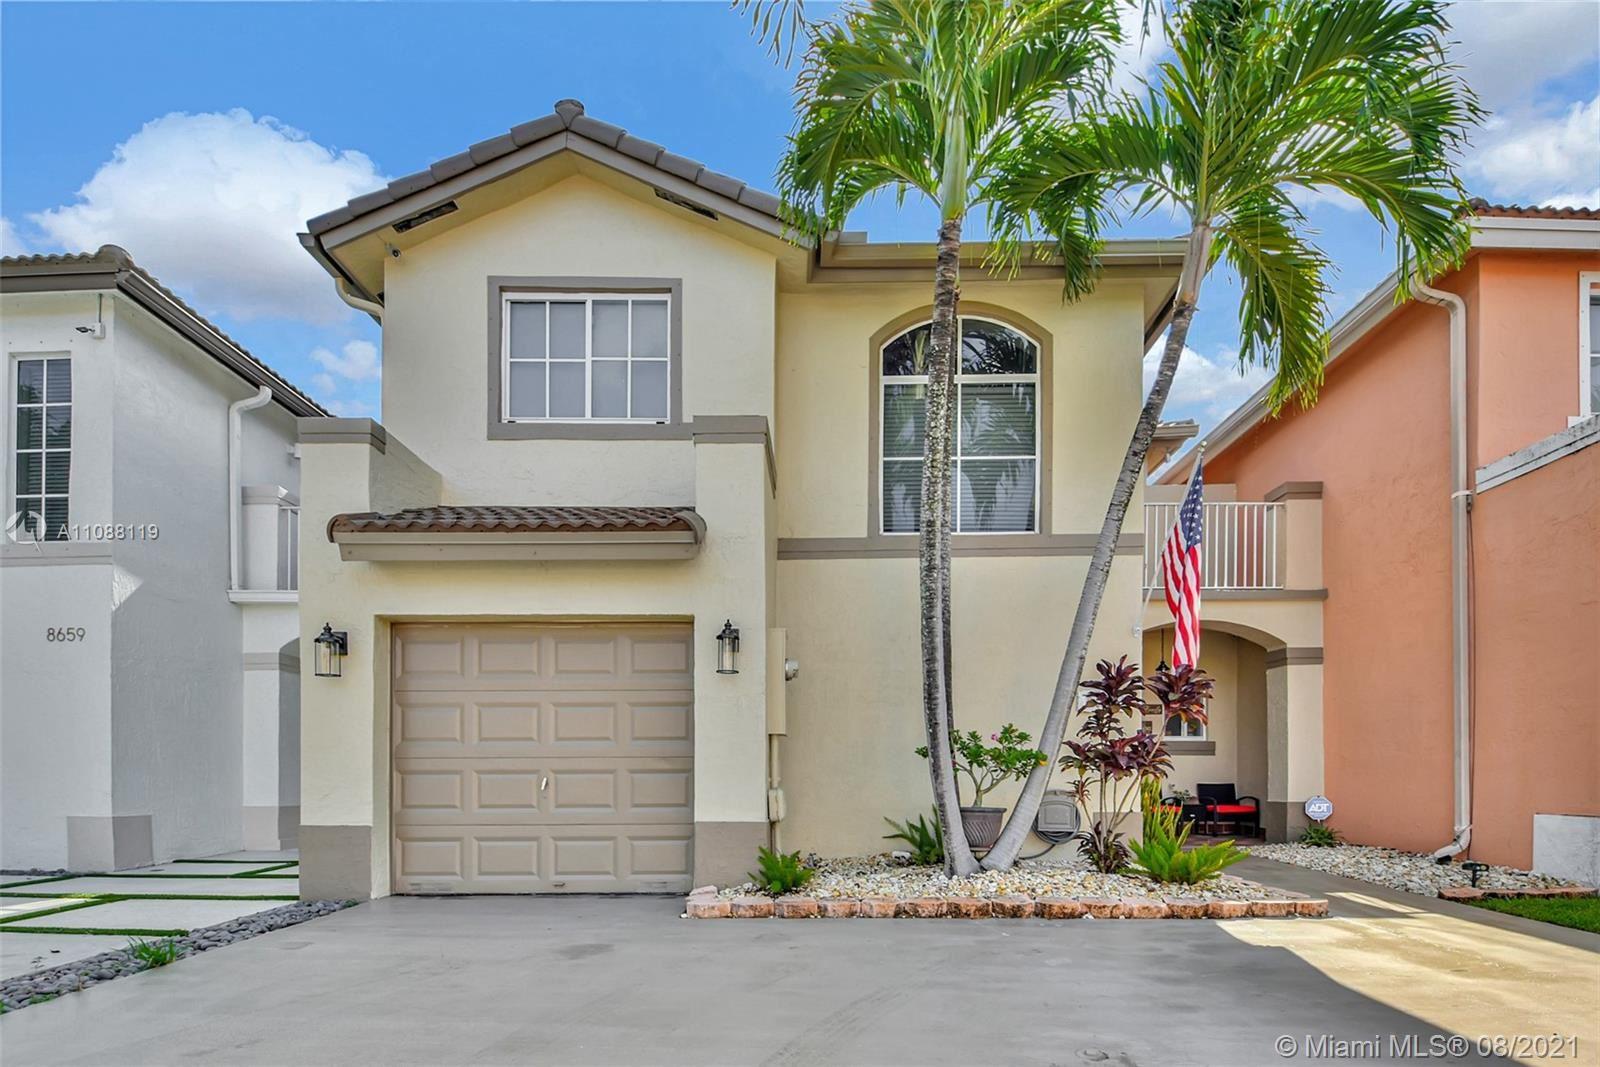 8667 SW 159th Pl, Miami, FL 33193 - #: A11088119